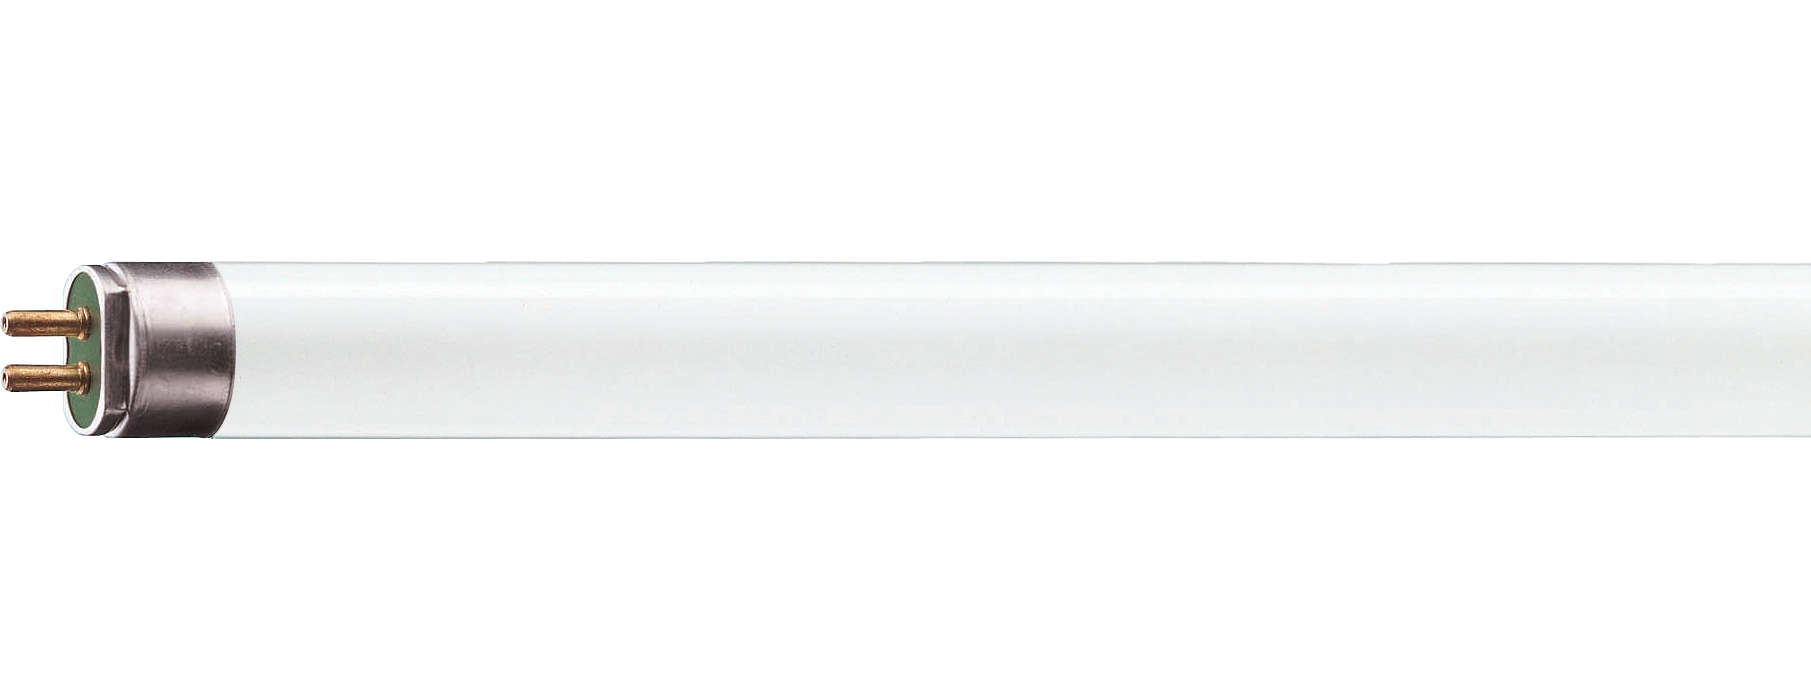 Éclairage fluorescent hautement efficace